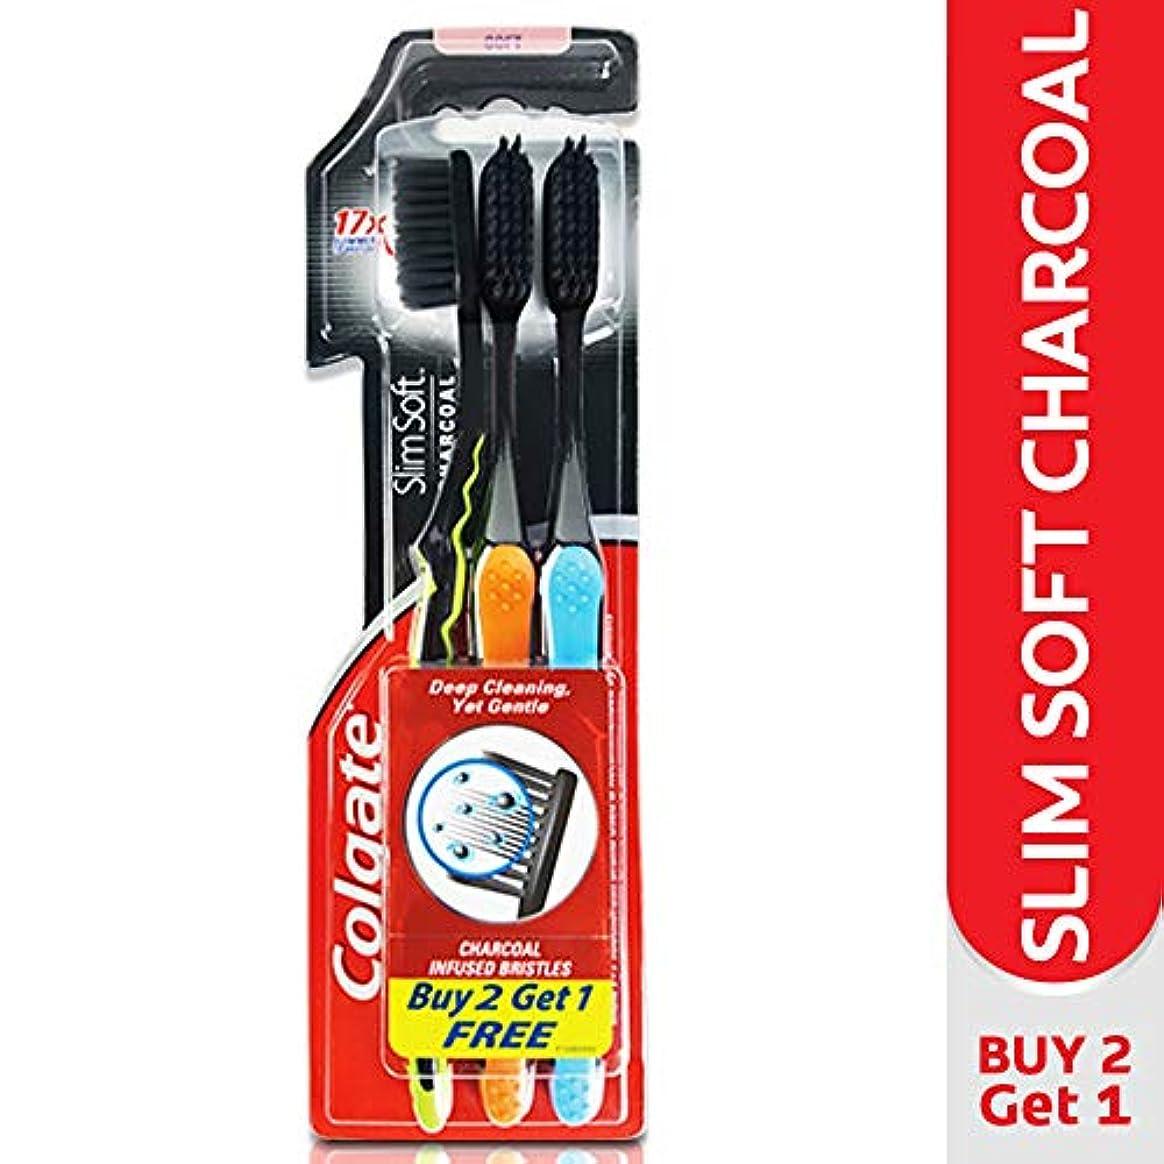 会社変装代名詞Colgate Slim Soft Charcoal Toothbrush (Pack of 3) 17x Slimmer Soft Tip Bristles (Ship From India)